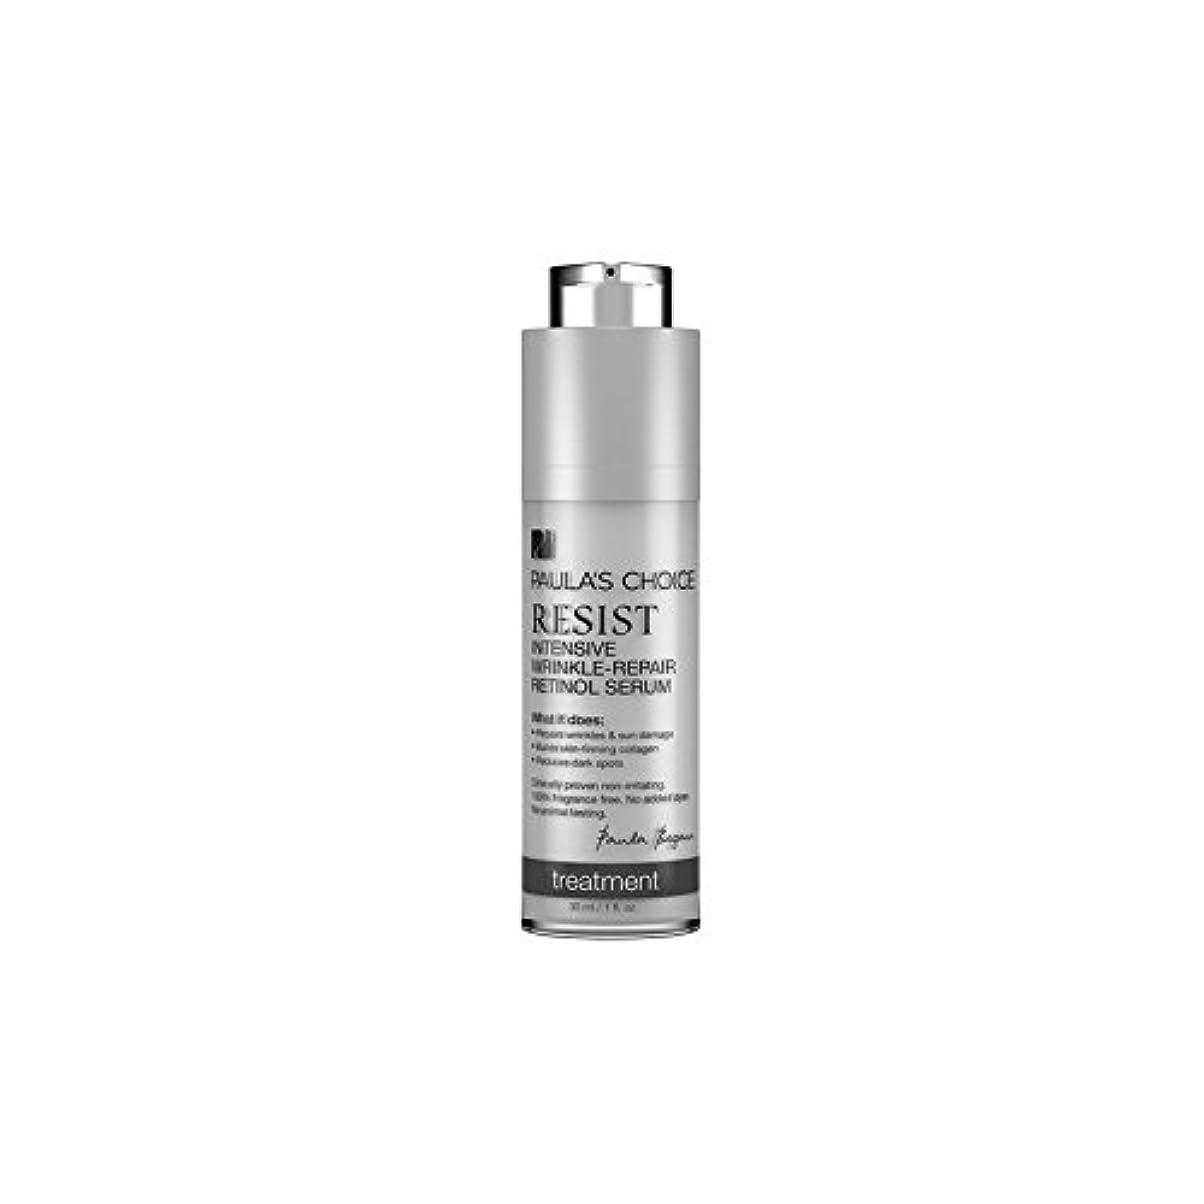 フィットネス咲くマキシムPaula's Choice Resist Intensive Wrinkle-Repair Retinol Serum (30ml) (Pack of 6) - ポーラチョイスは、集中的なしわ修復レチノール血清(30ミリリットル...